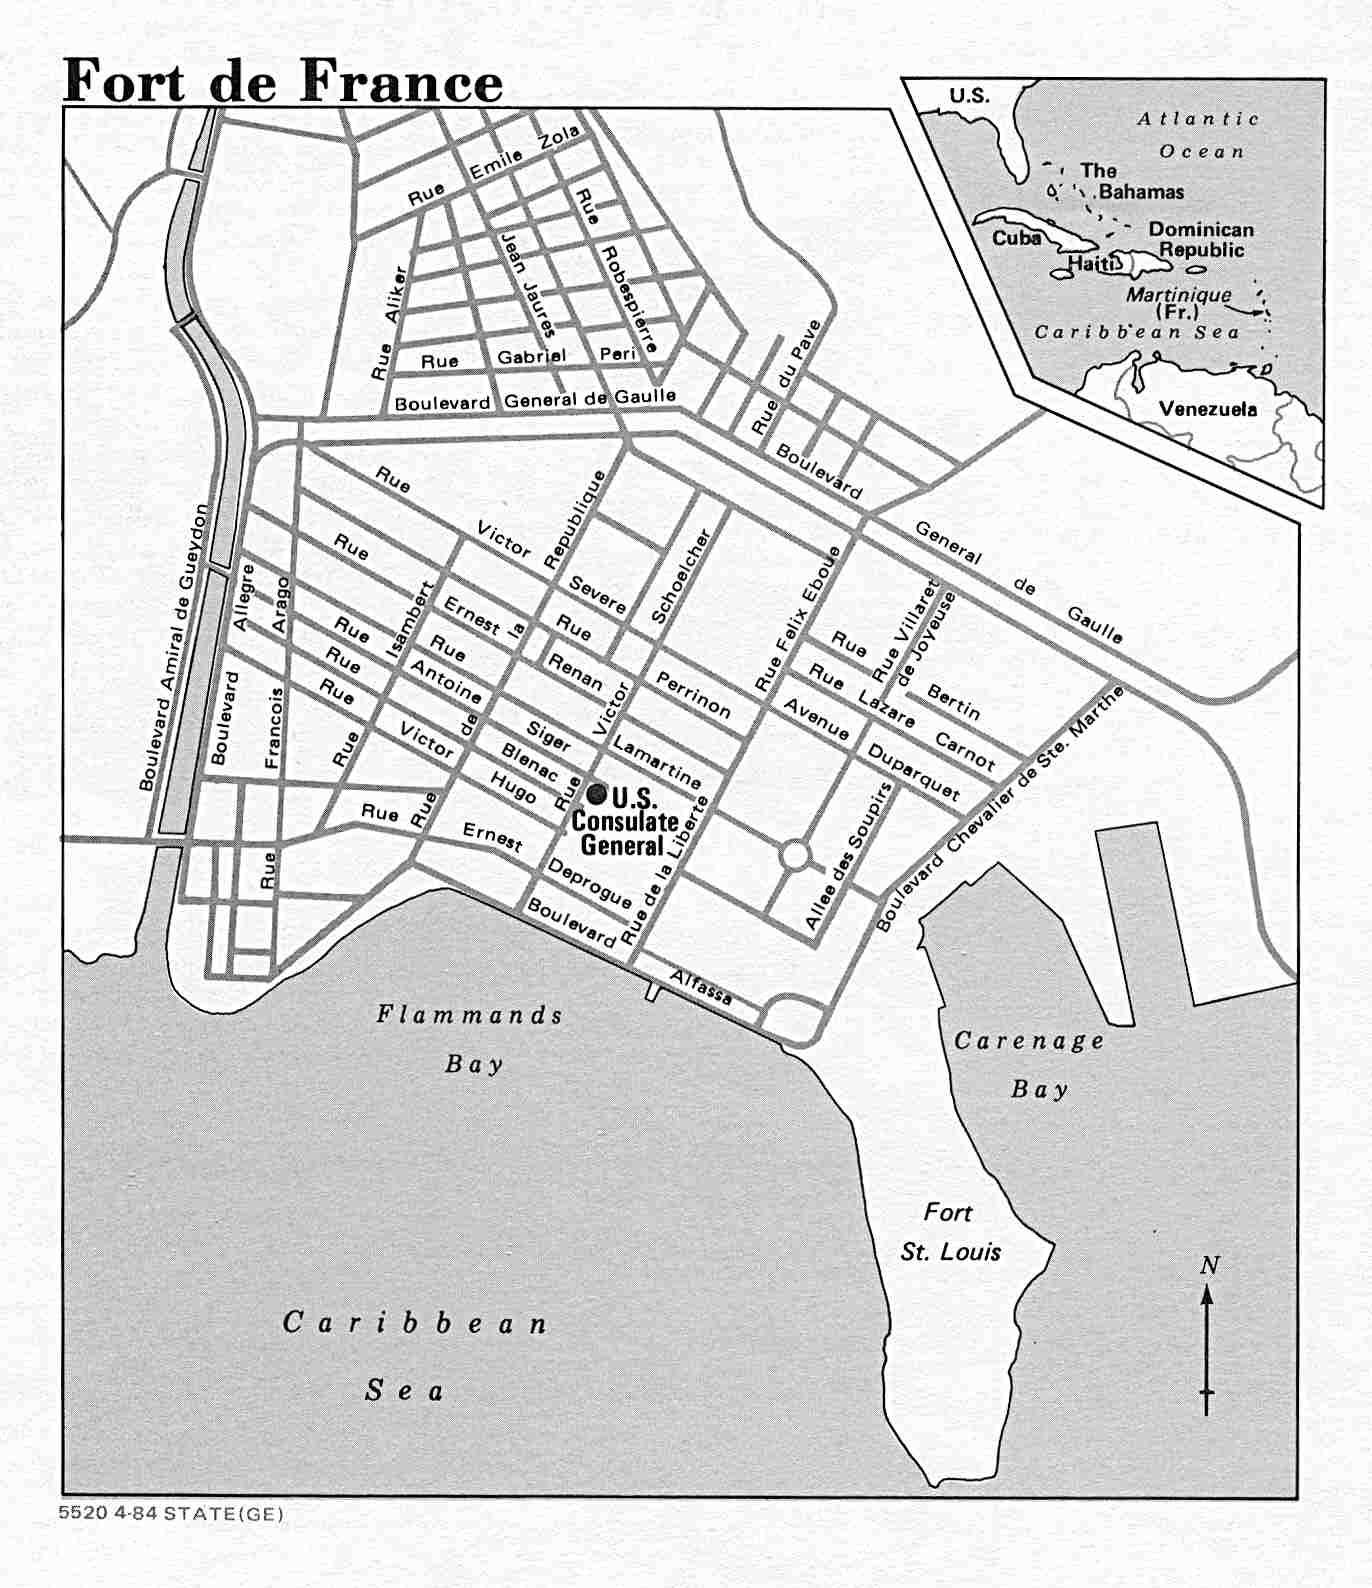 Mapa de la Ciudad de Fort-de-France, Martinica